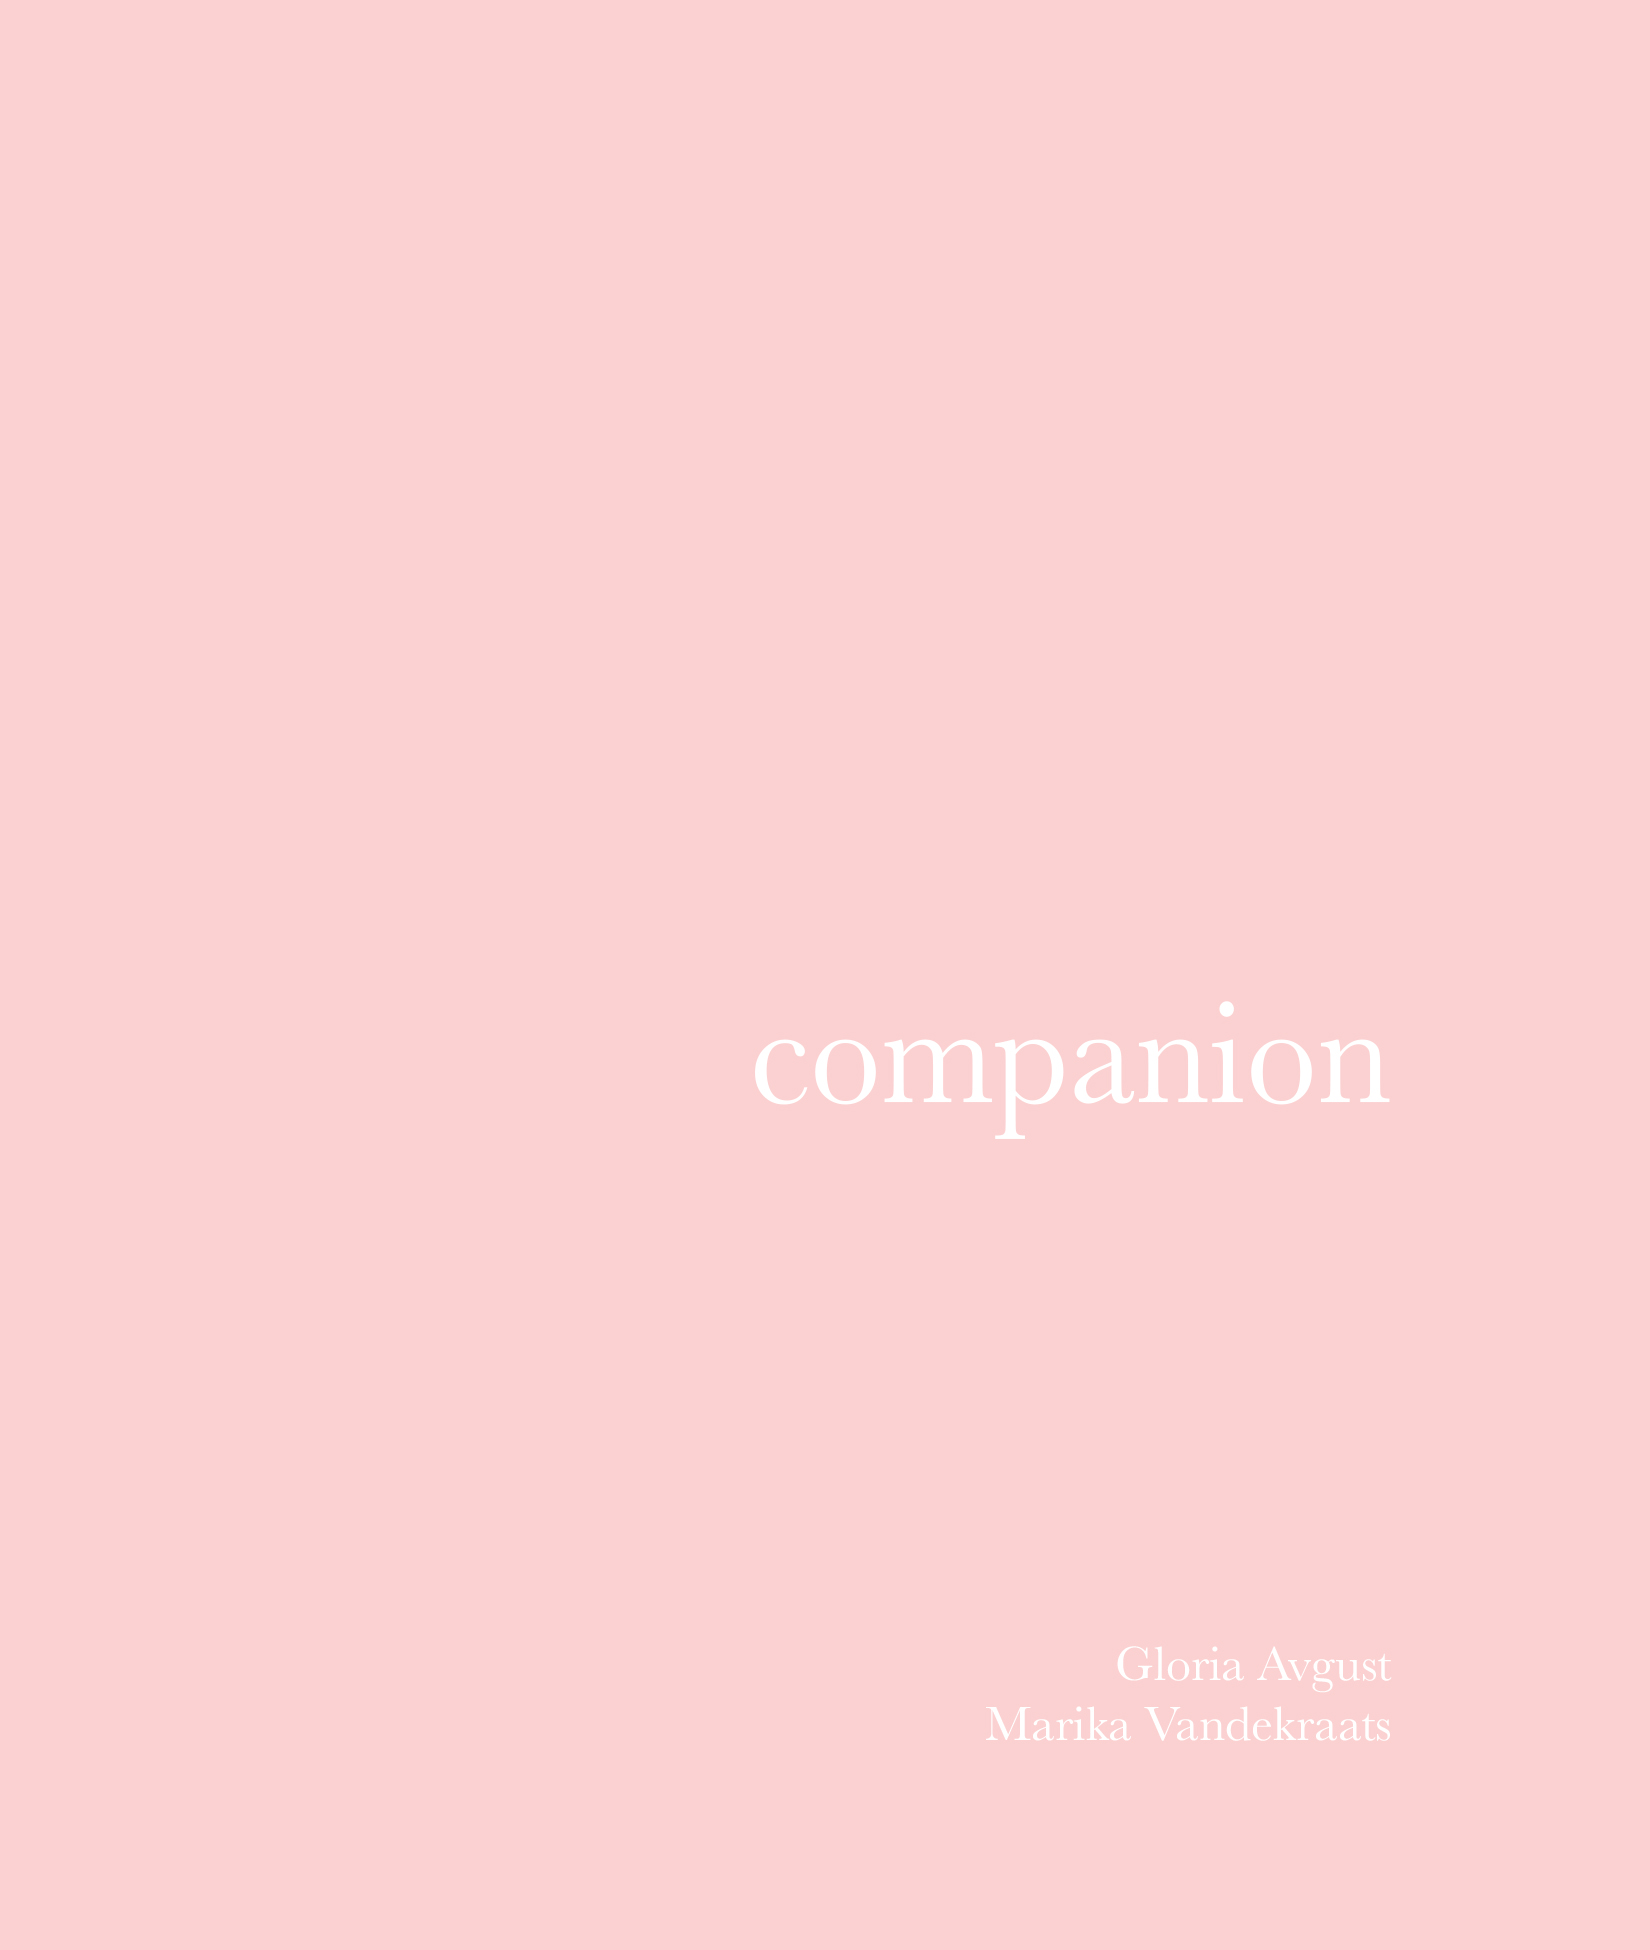 Companion_COVER_V1-1.jpg